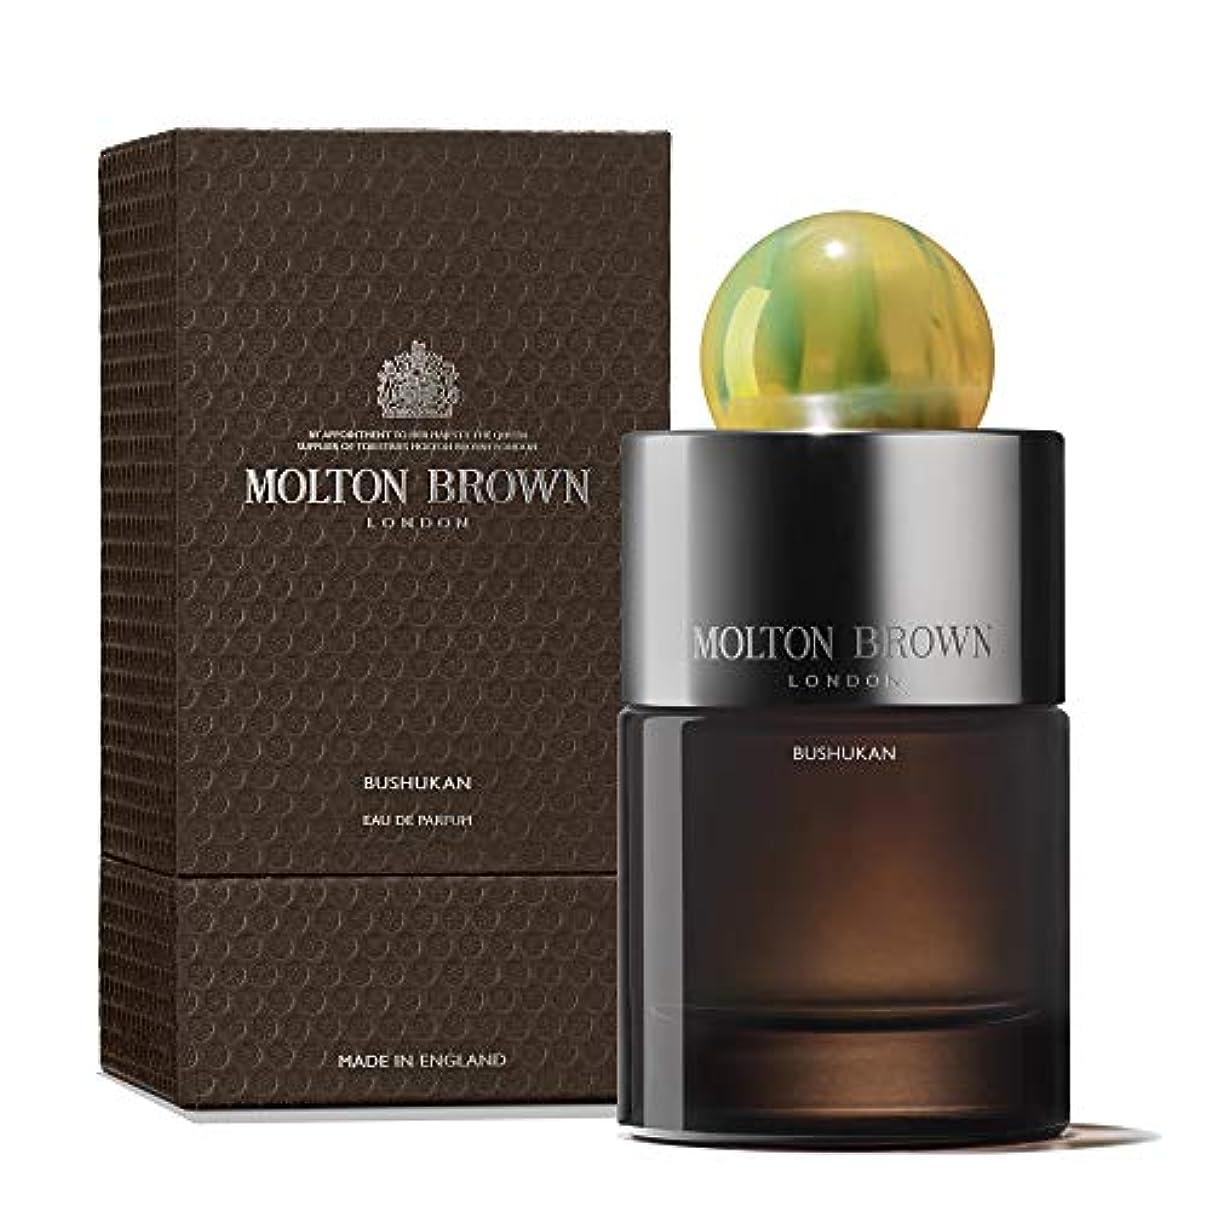 反対したオーロック添付MOLTON BROWN(モルトンブラウン) ブシュカン コレクション BU オードパルファン